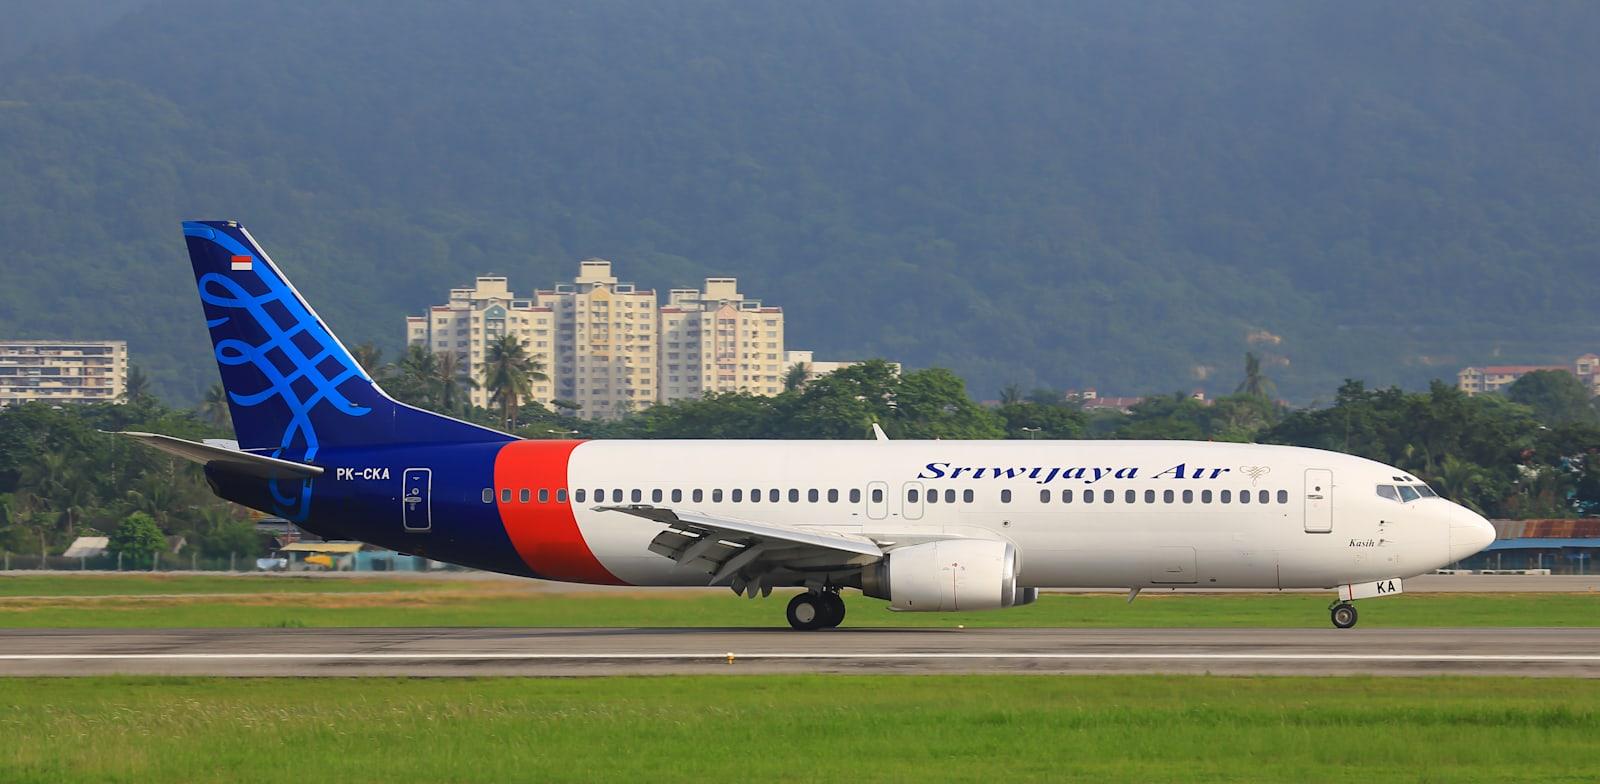 מטוס של חברת סריוויג'איה אייר / צילום: Shutterstock, Mike Fuchslocher